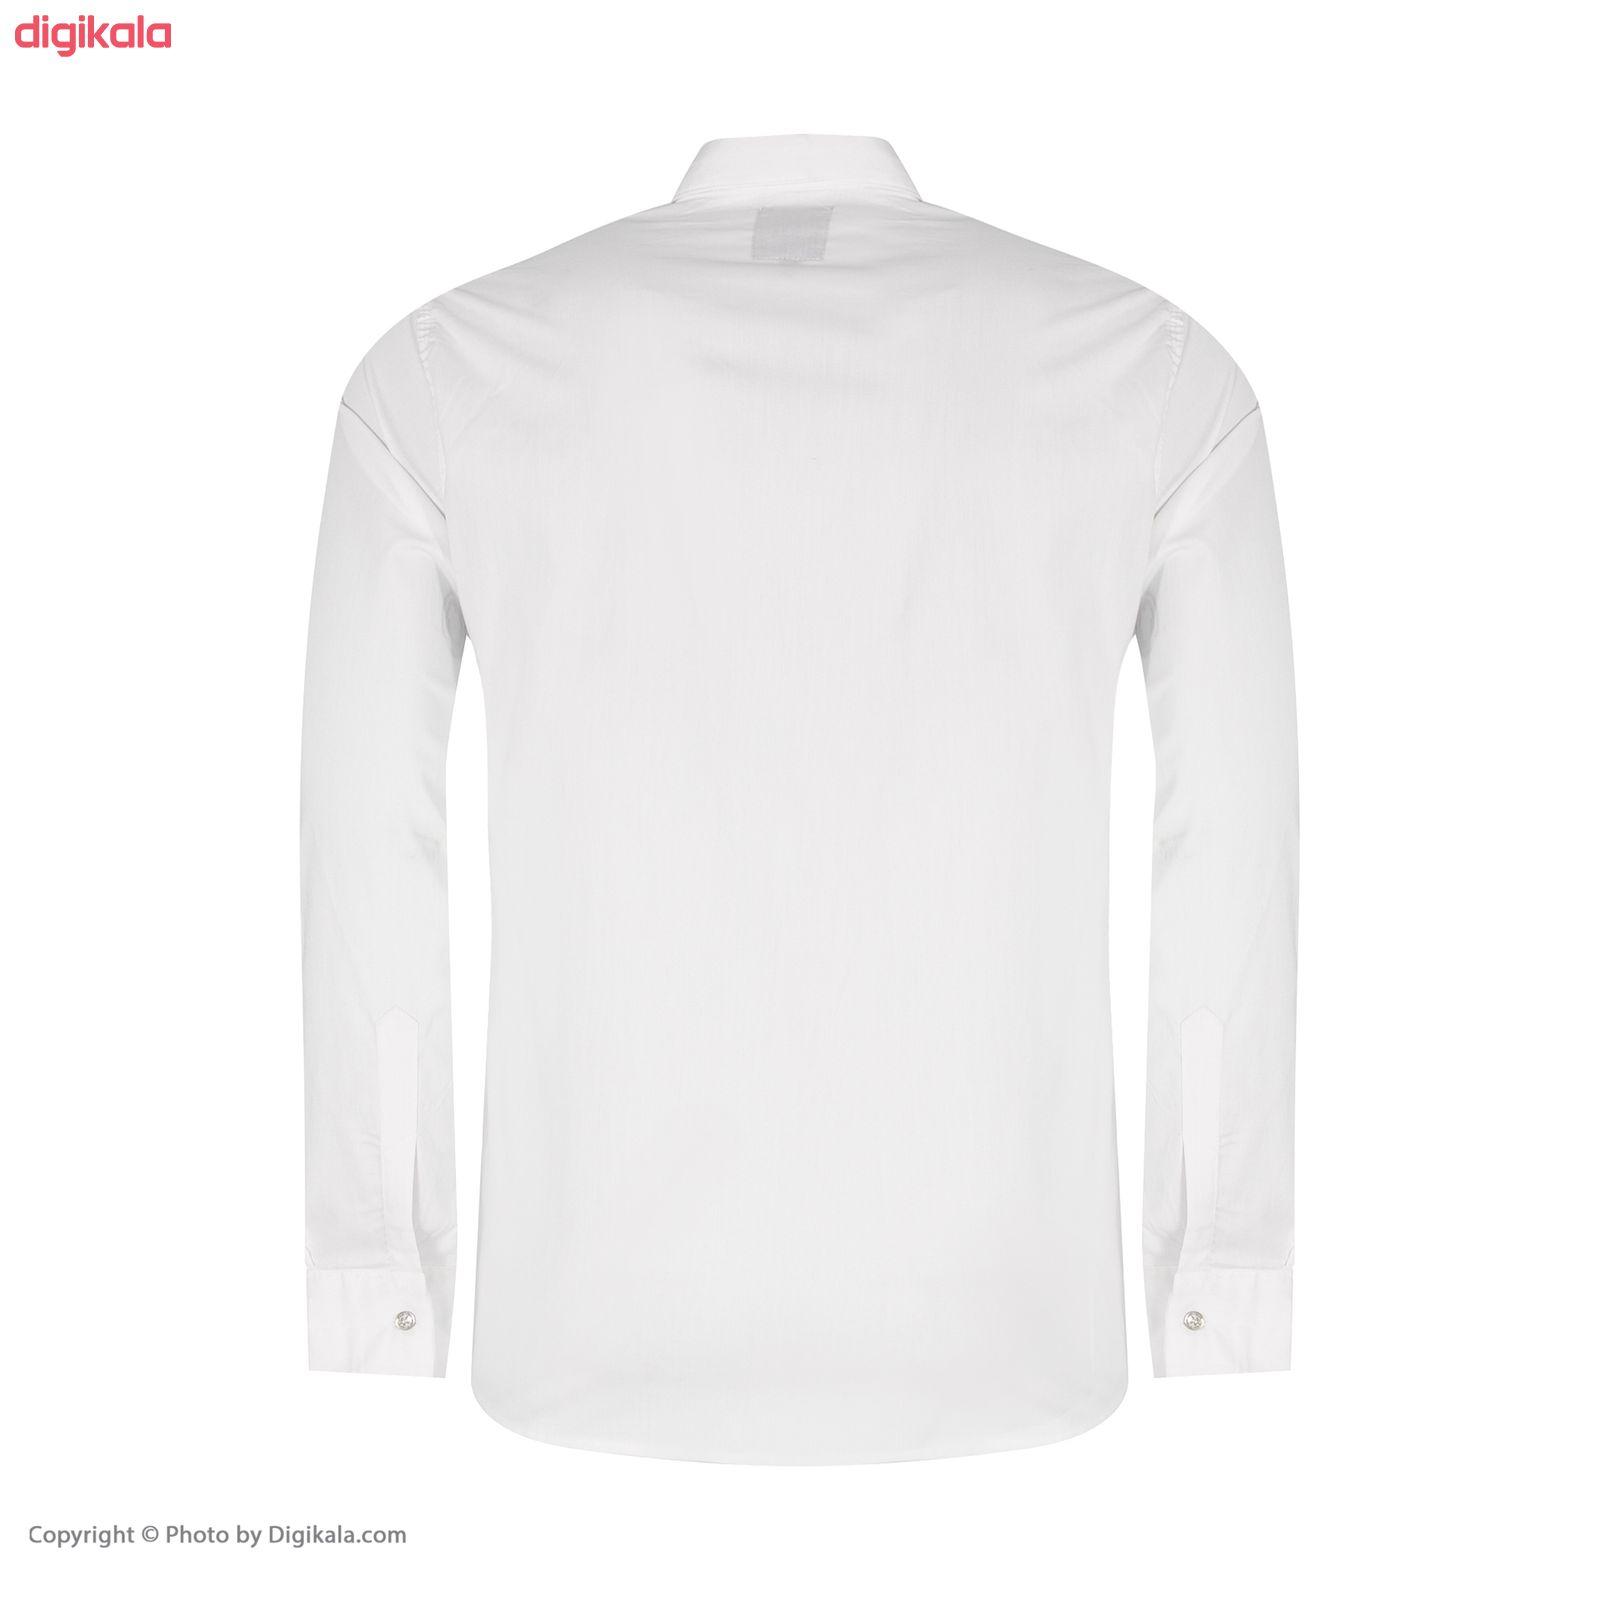 پیراهن مردانه کد PVLF-W-M-9903 رنگ سفید main 1 2